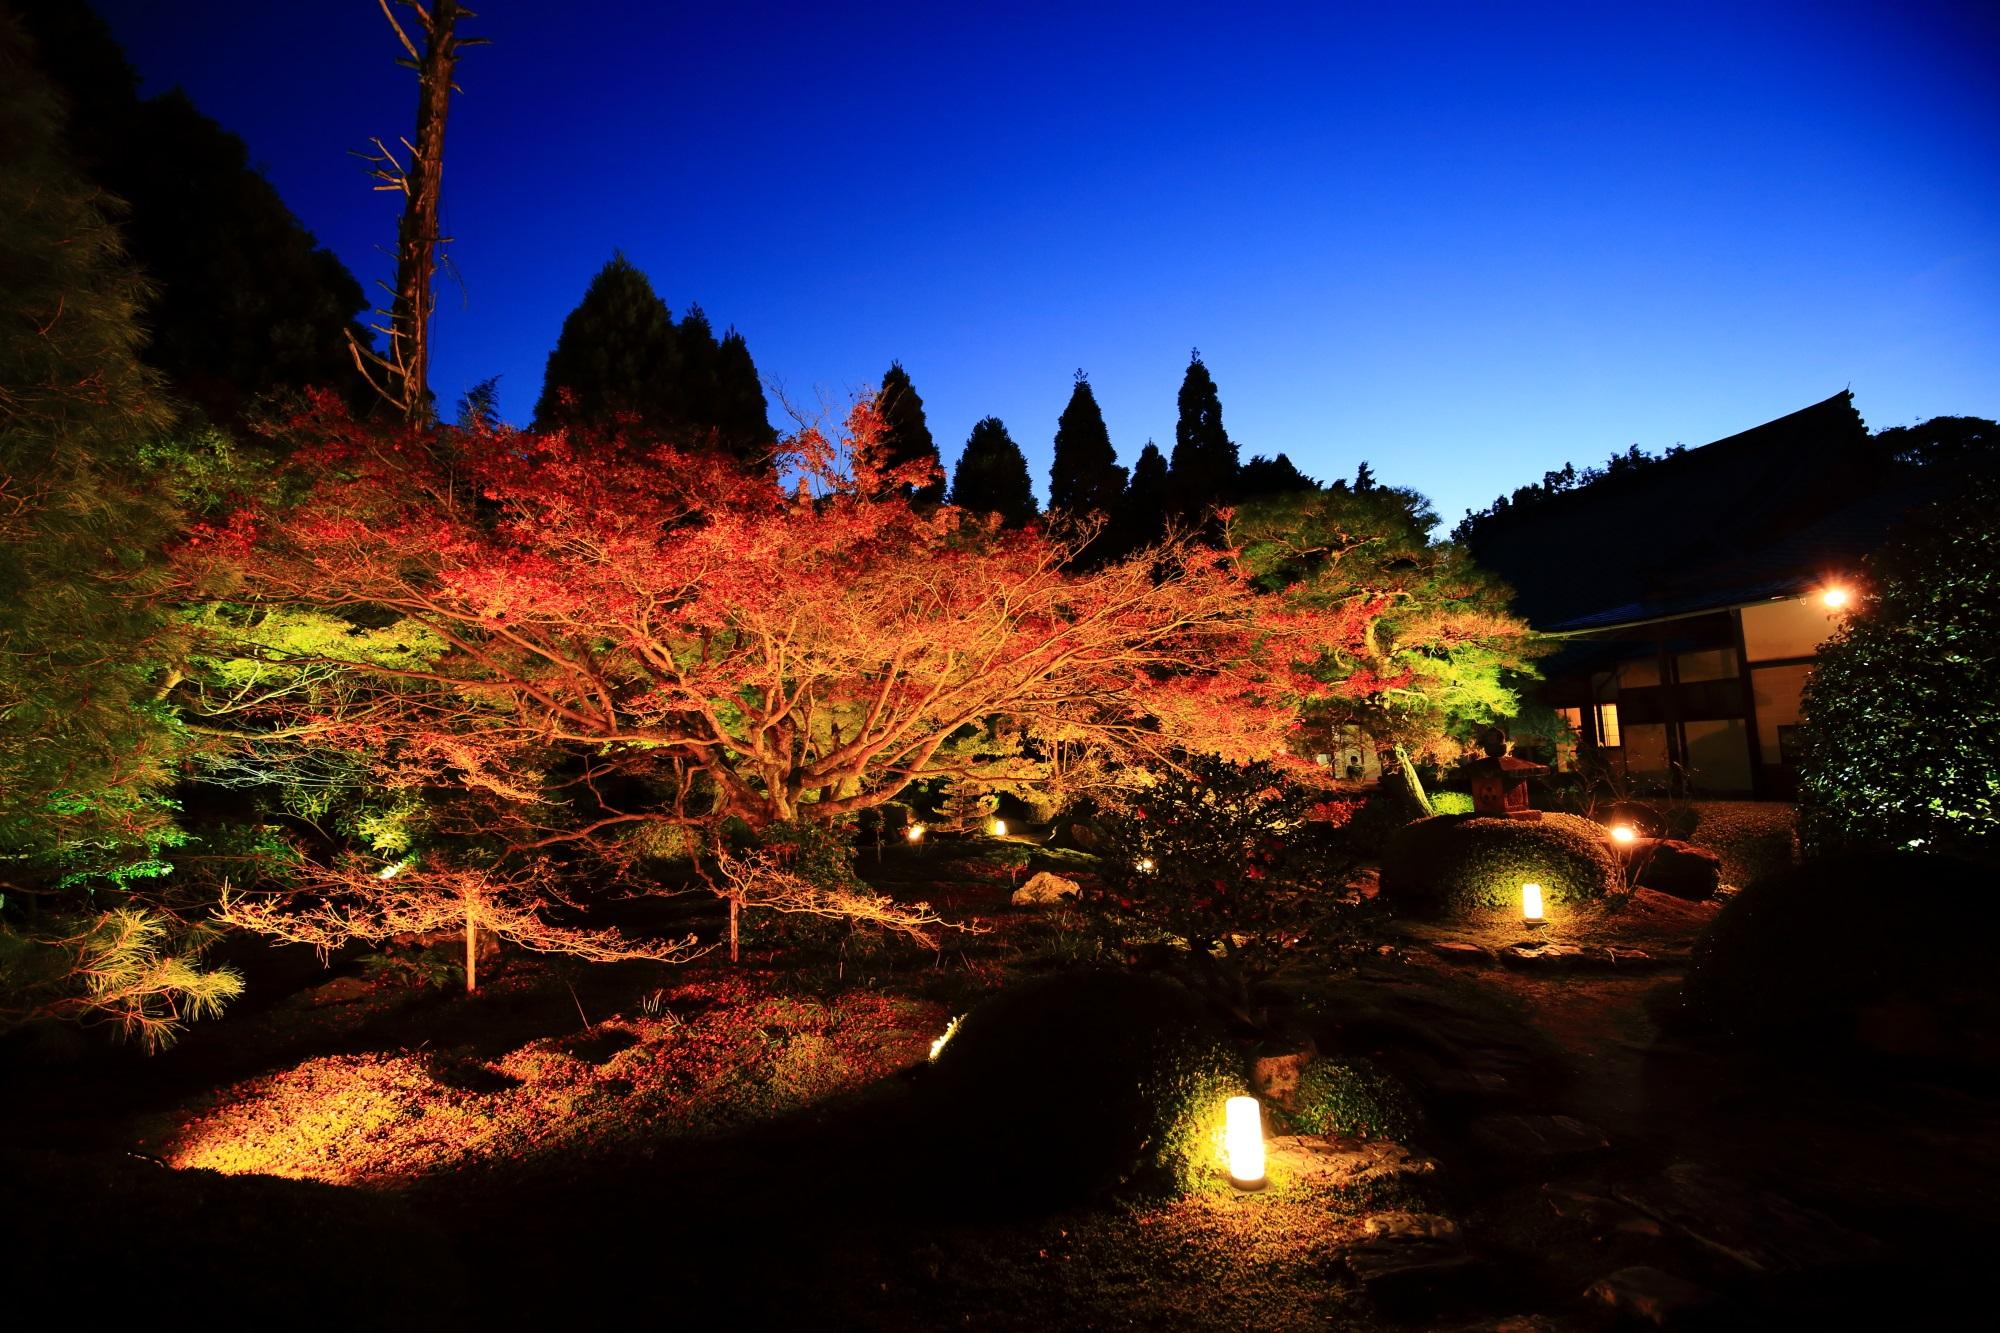 泉涌寺別院の雲龍院の庭園の紅葉ライトアップ